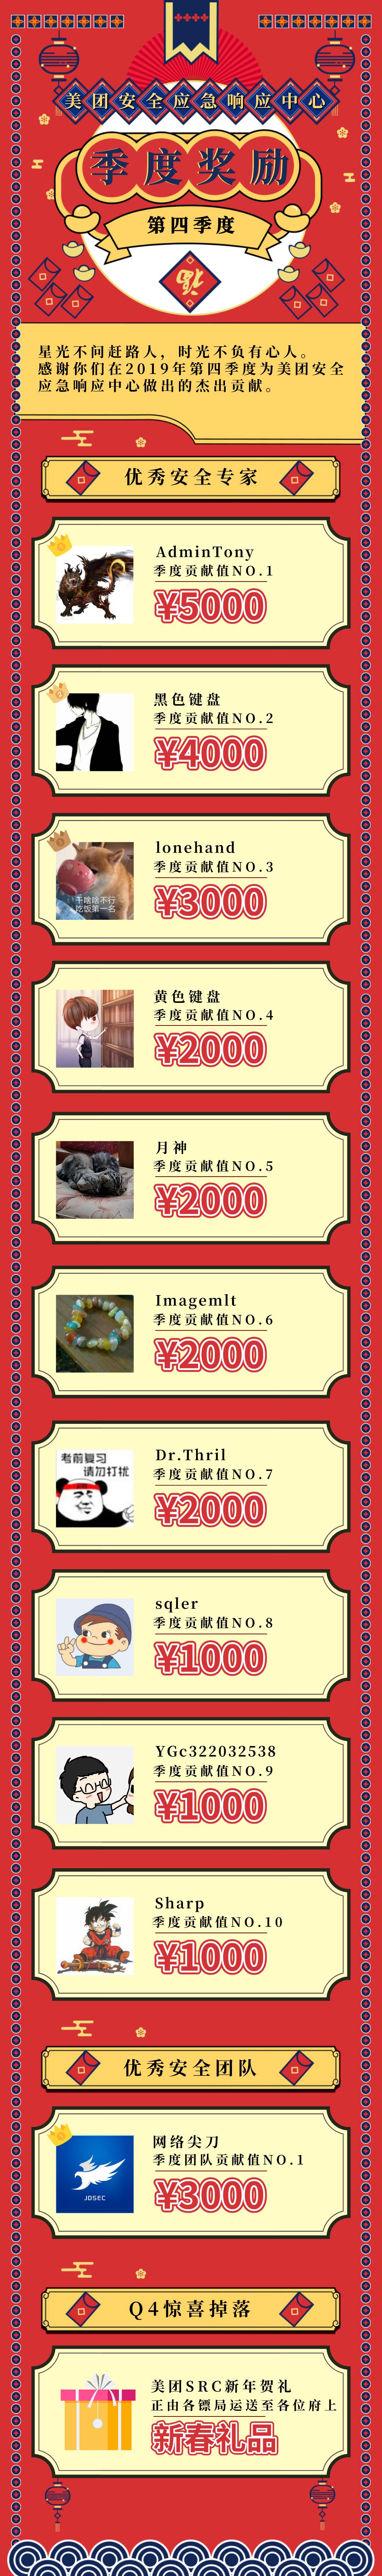 副本_季度奖_自定义px_2020-01-02-0.png